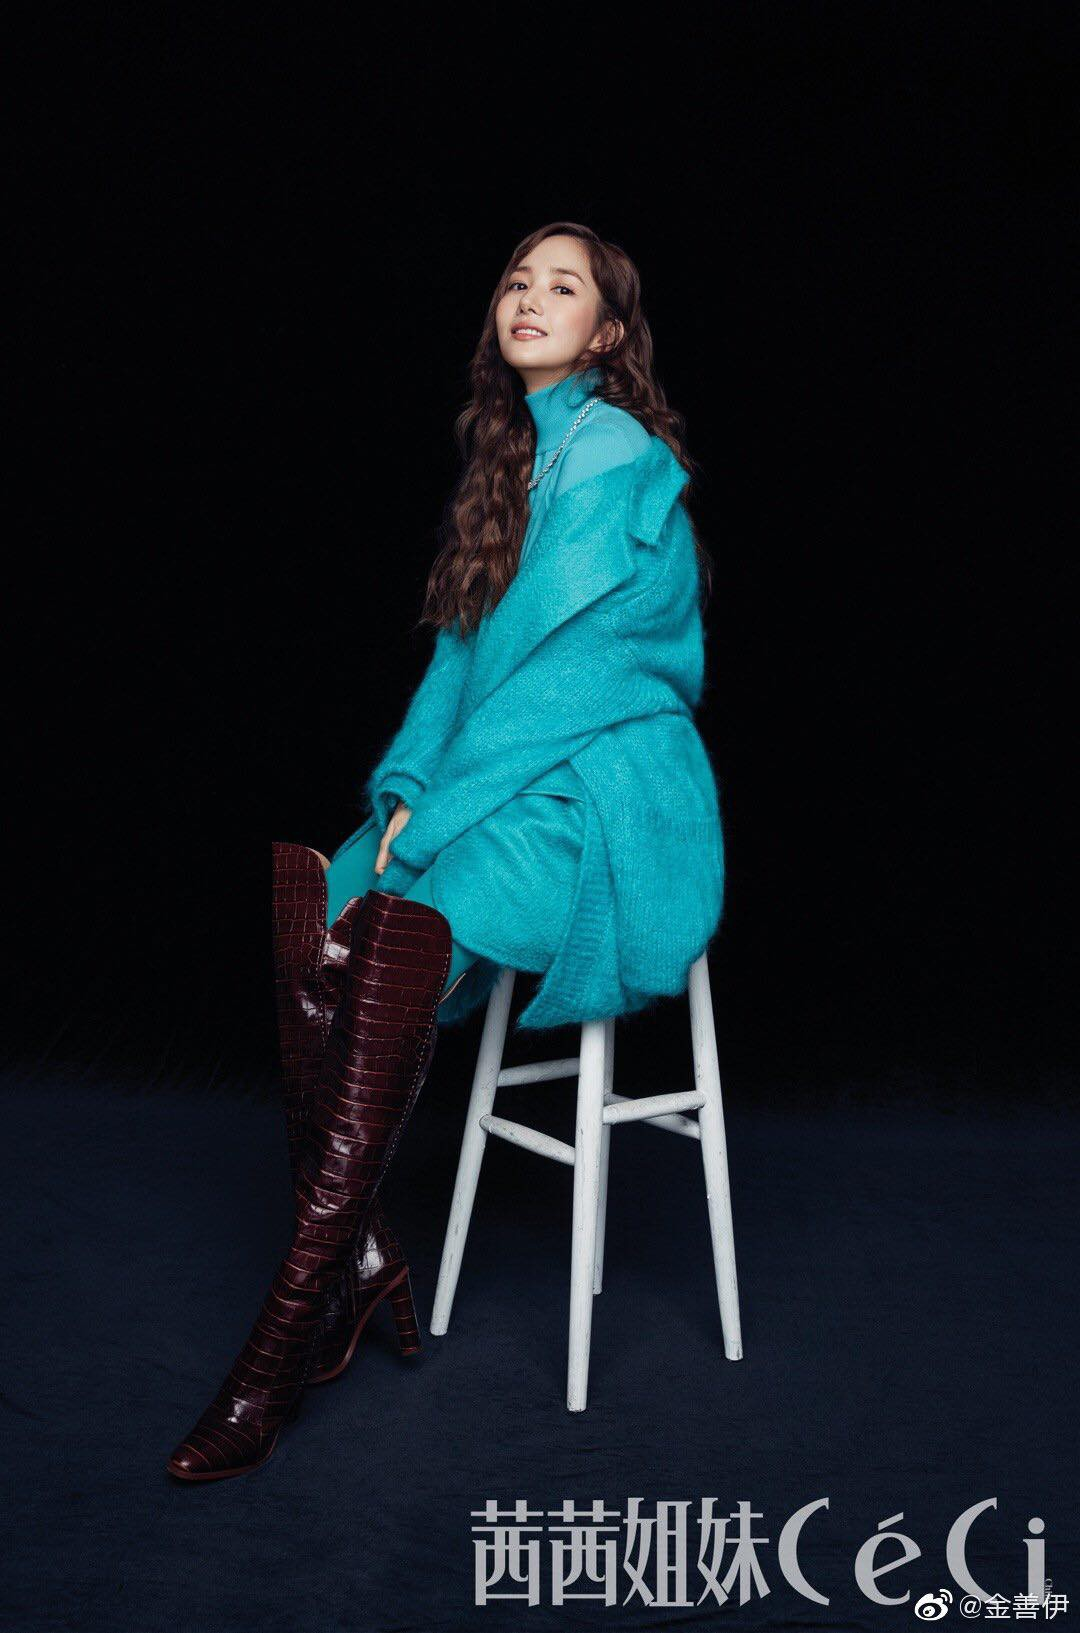 'Tình cũ Lee Min Ho' Park Min Young khoe thần thái ngút ngàn, 'đẹp không góc chết' ở tuổi 33 6